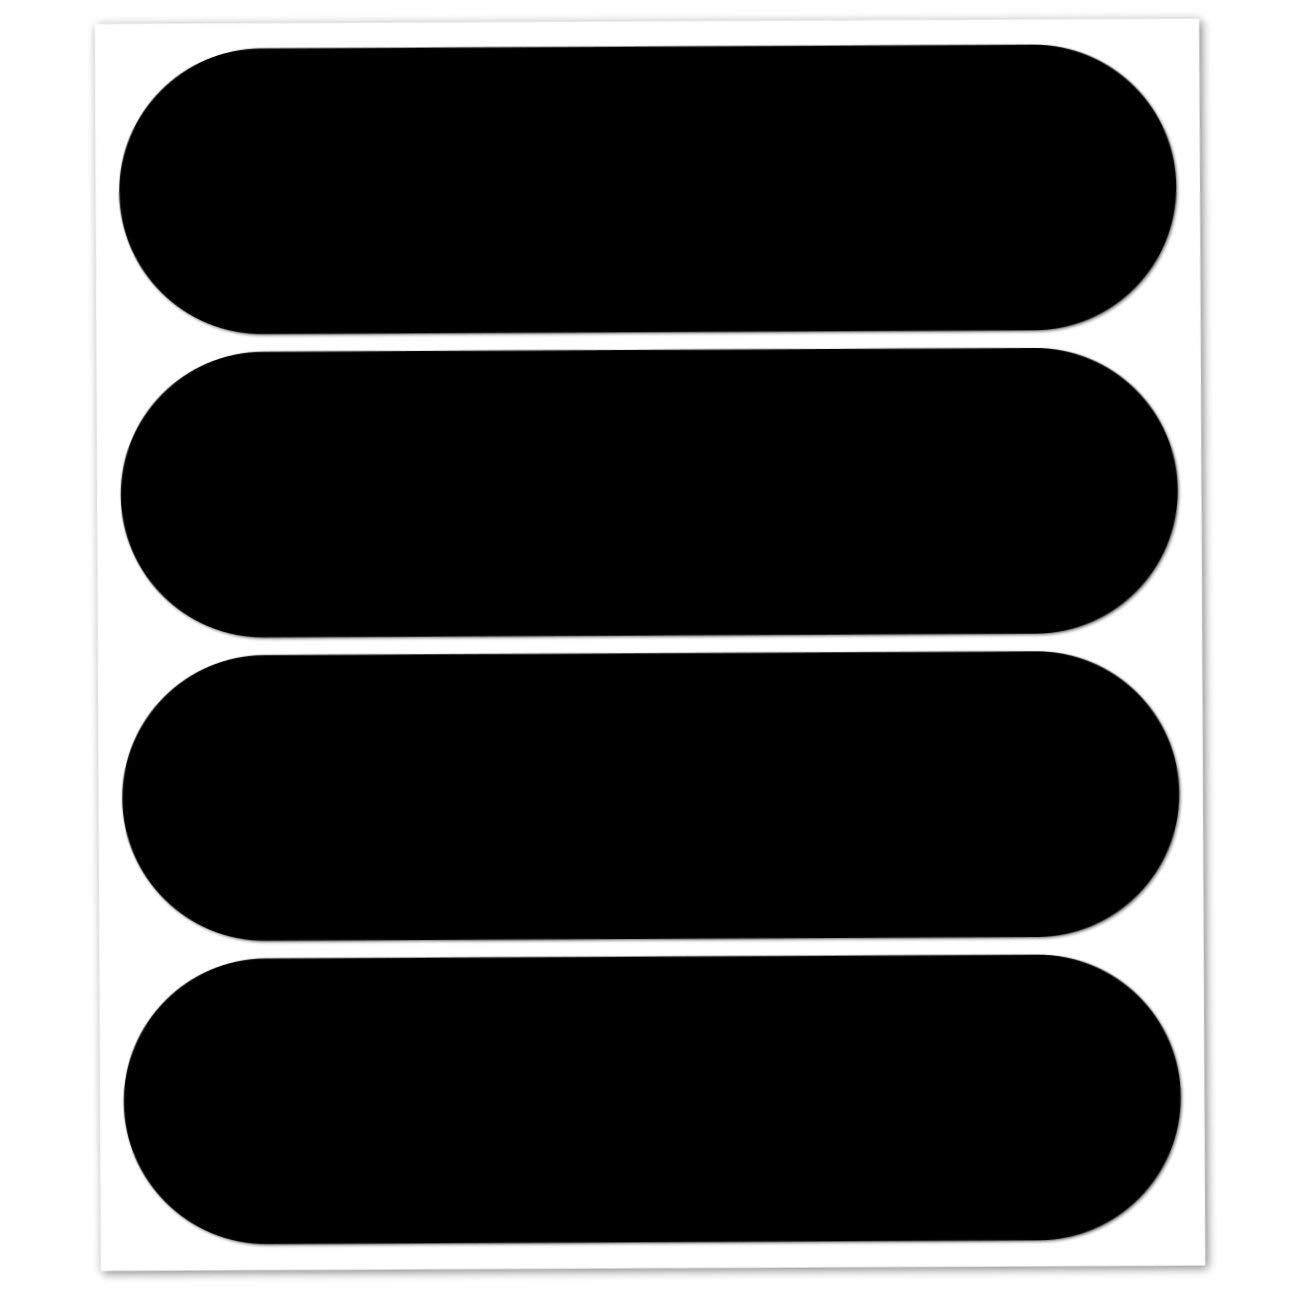 B REFLECTIVE, Kit 4 Autocollants réfléchissants, 8,5 x 2,7 cm, Noir product image